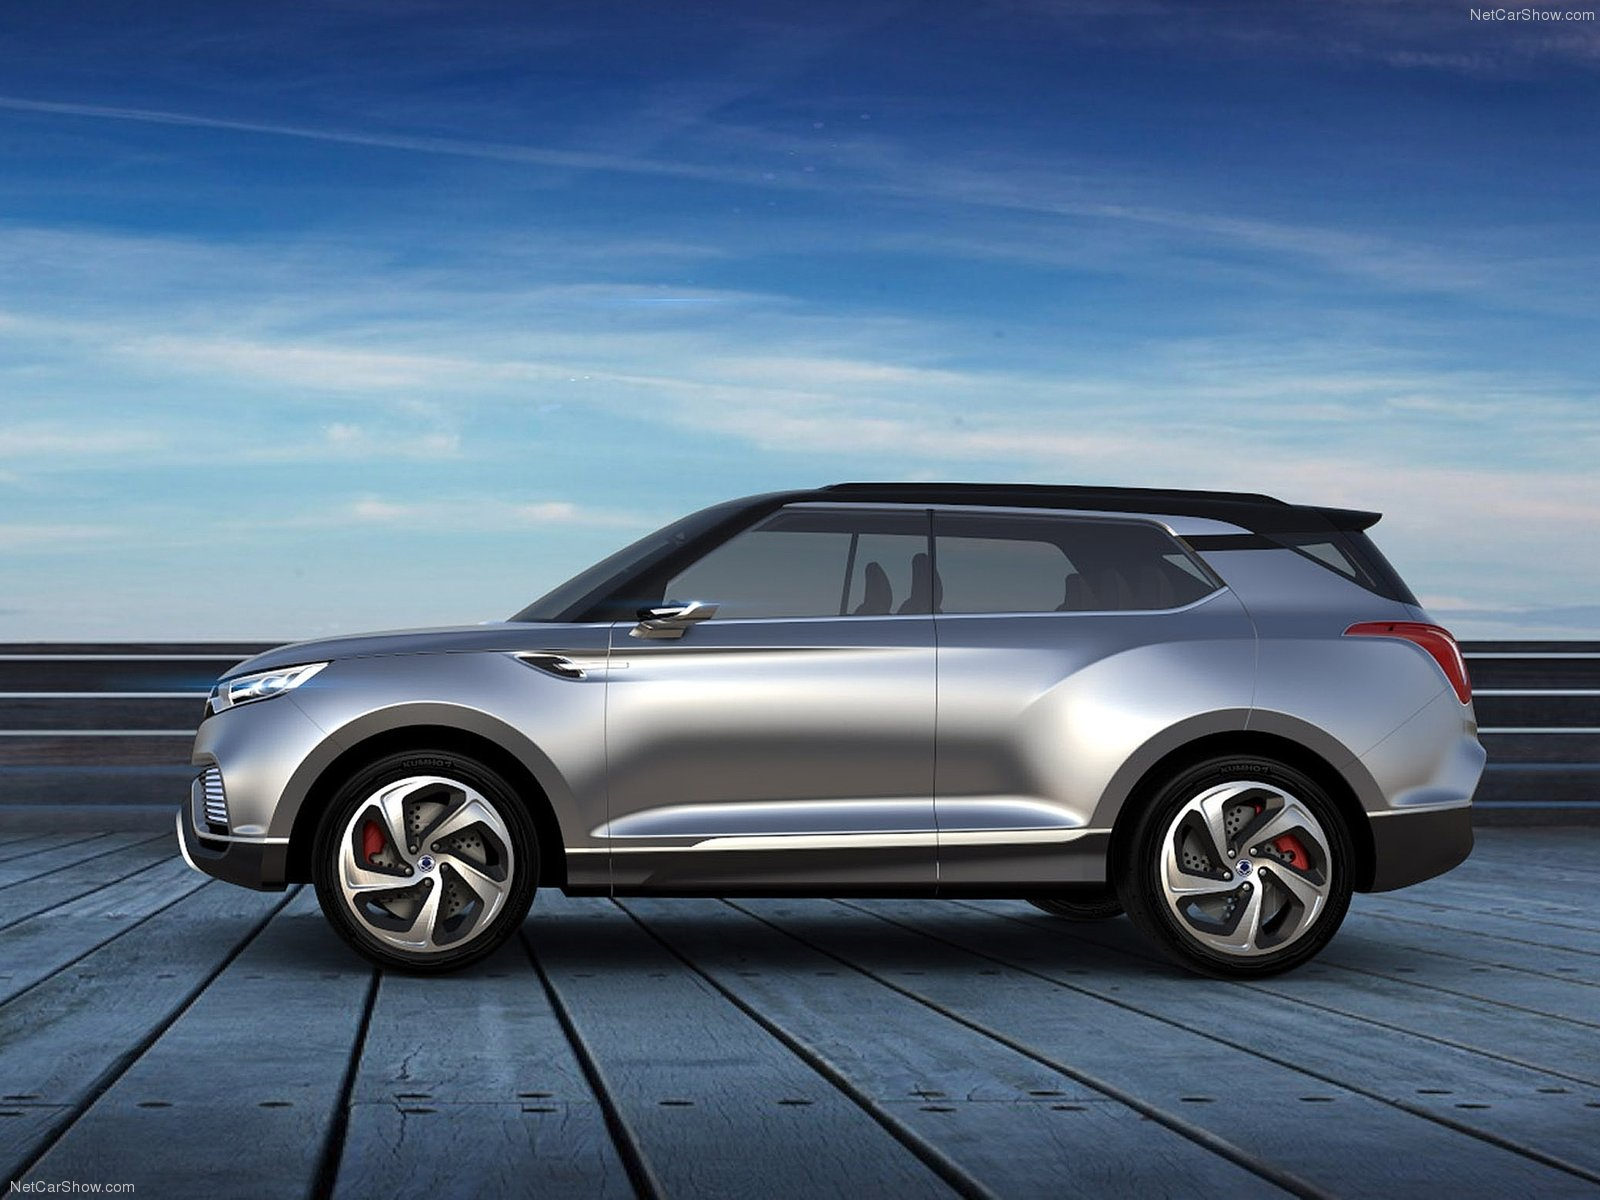 Hình ảnh xe ô tô SsangYong XLV Concept 2014 & nội ngoại thất